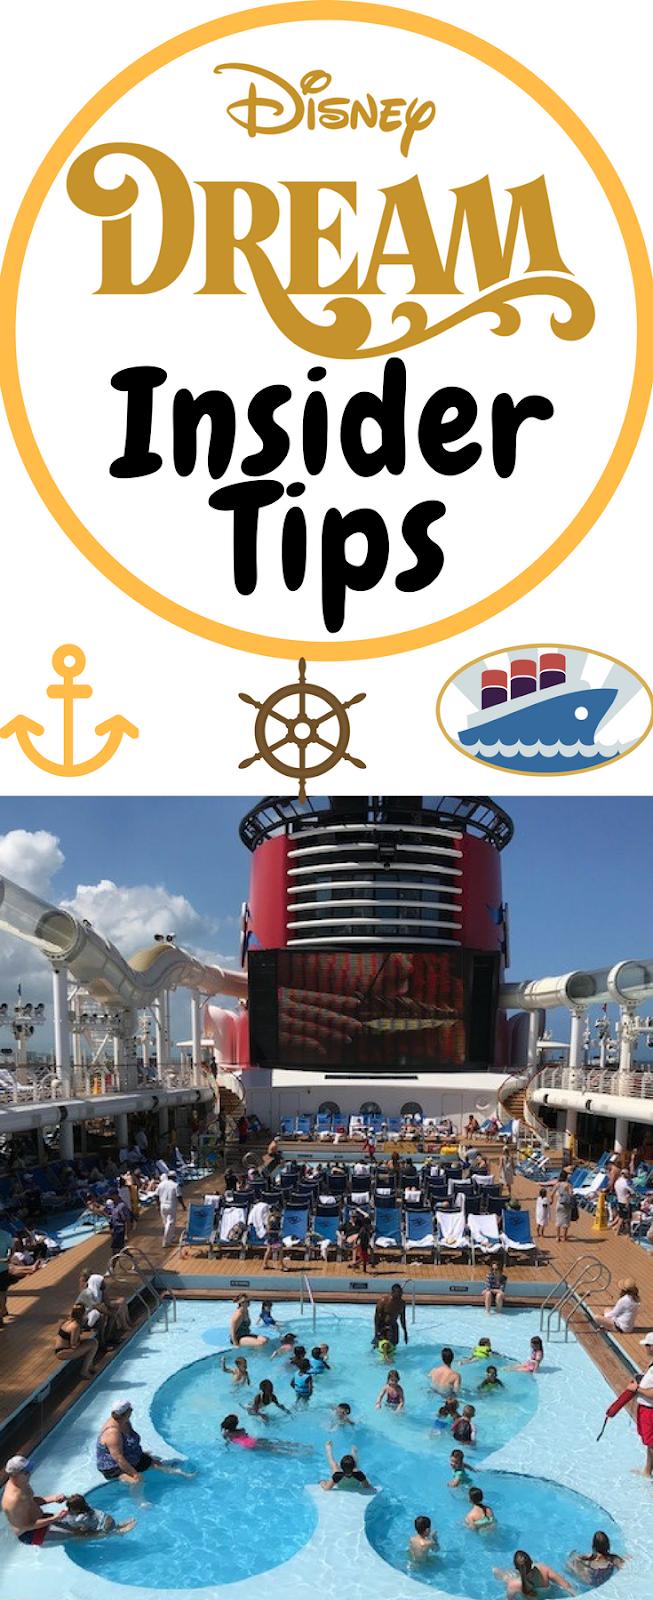 When Tara Met Blog Insider Tips Amp Secrets For The Disney Dream Cruise